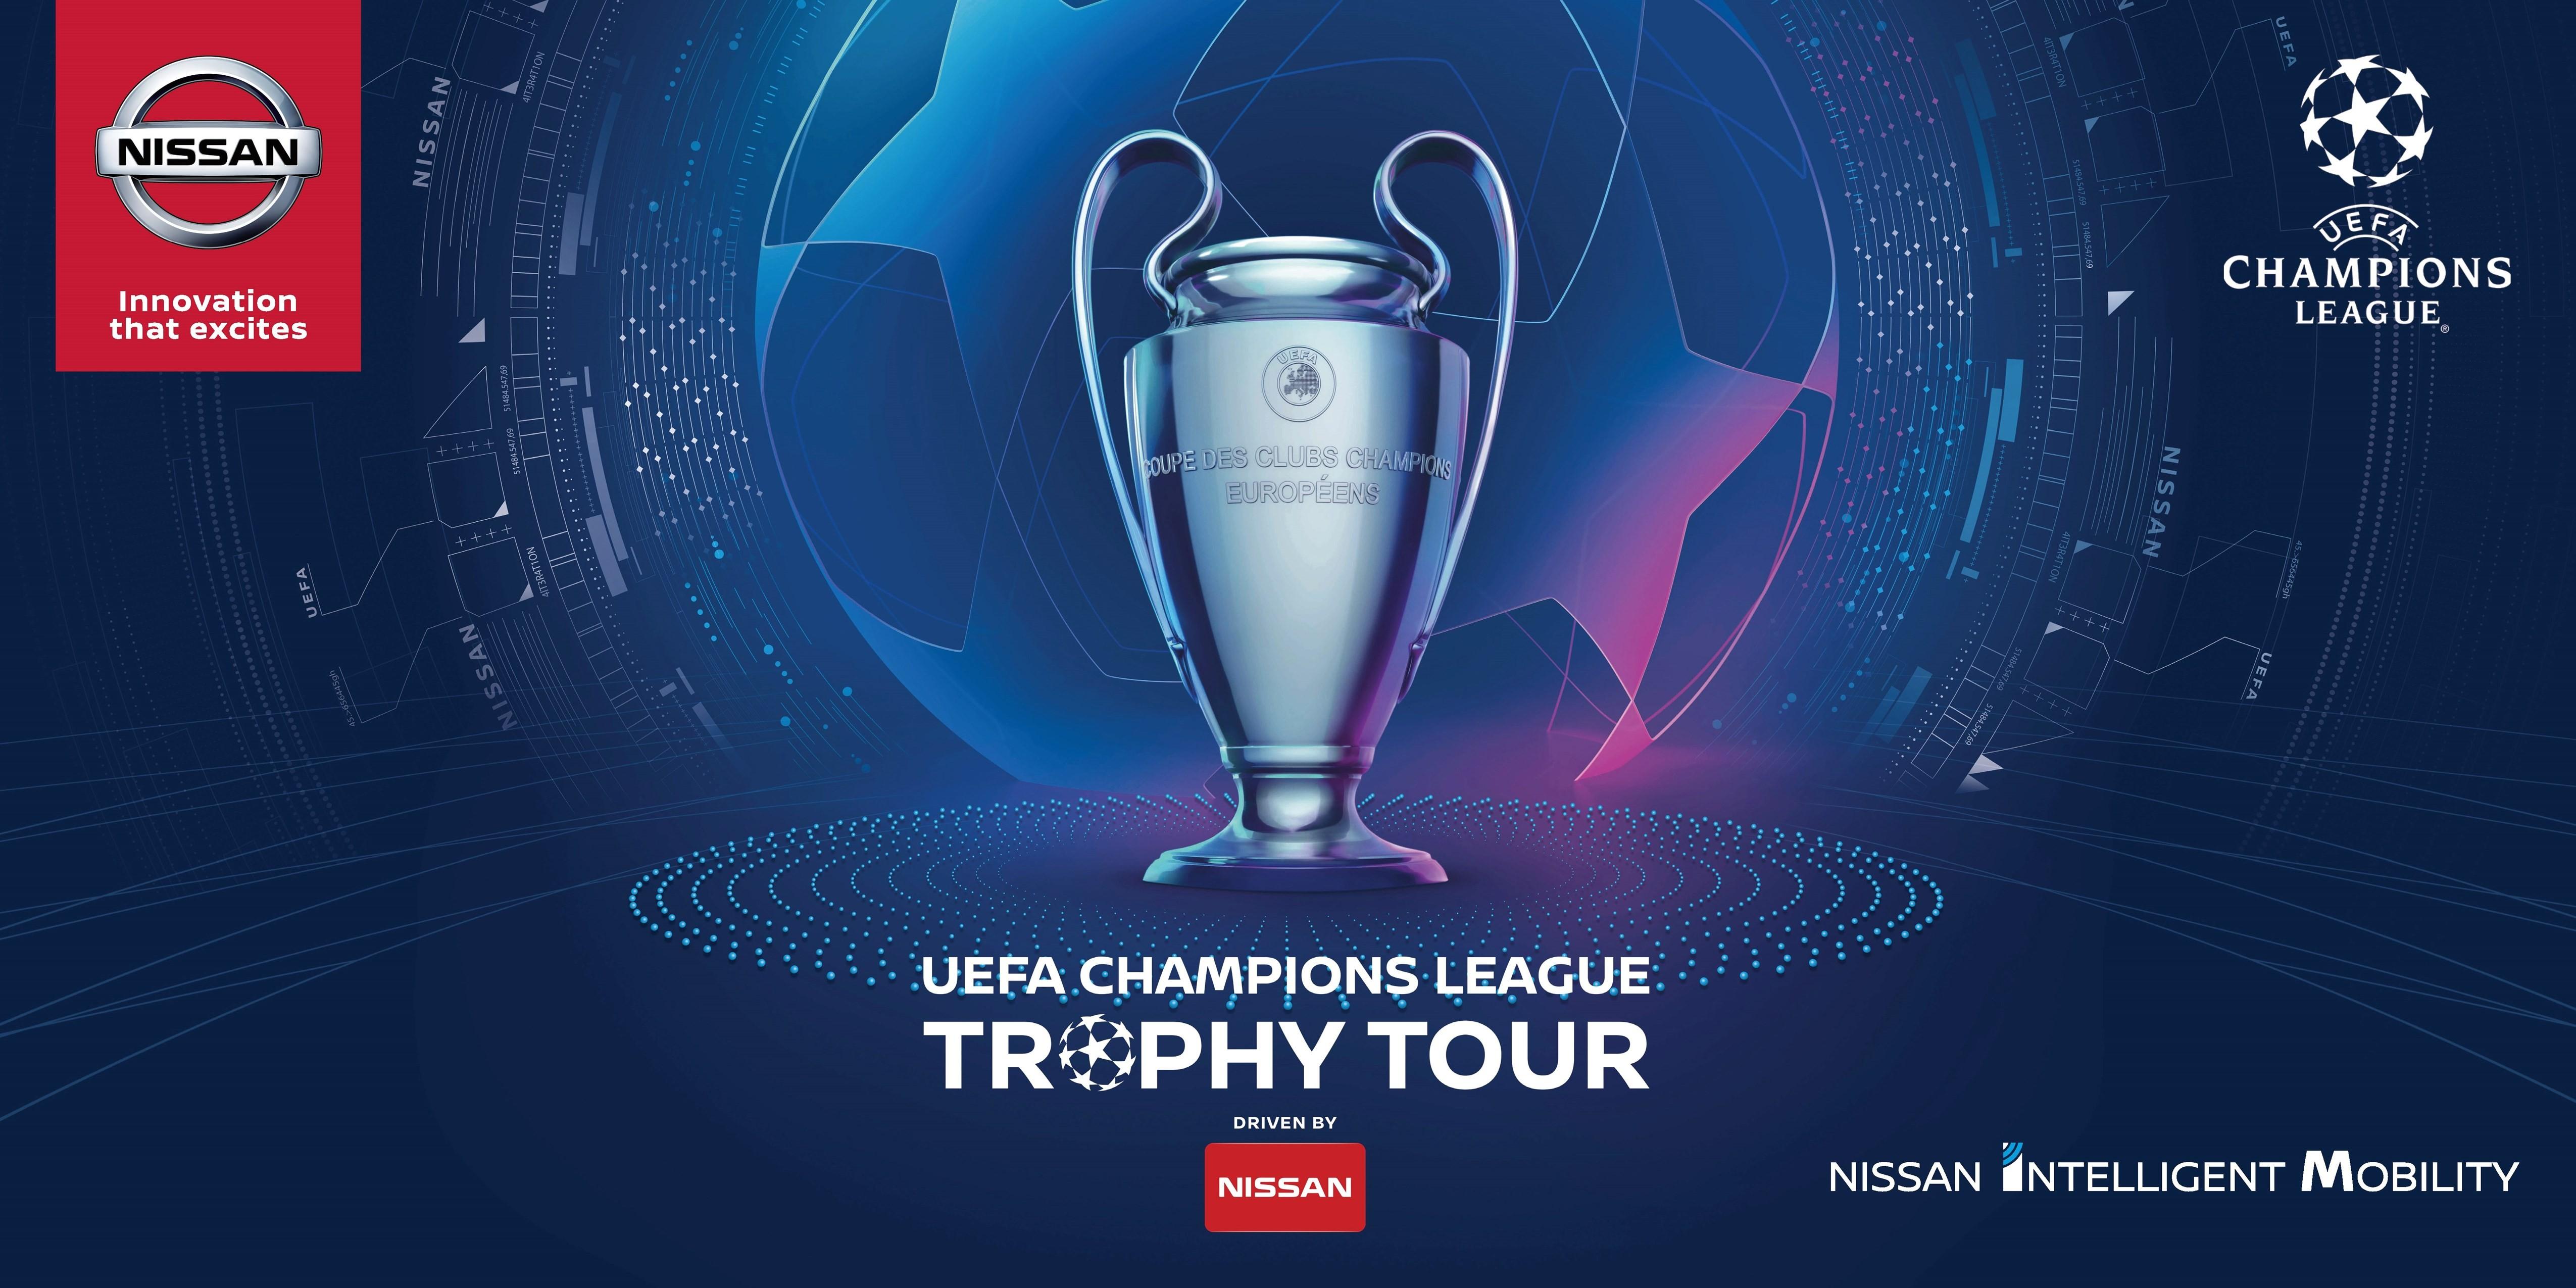 La Champions League in mostra a Torino il 26 e 27 ottobre Quotidiano Piemontese